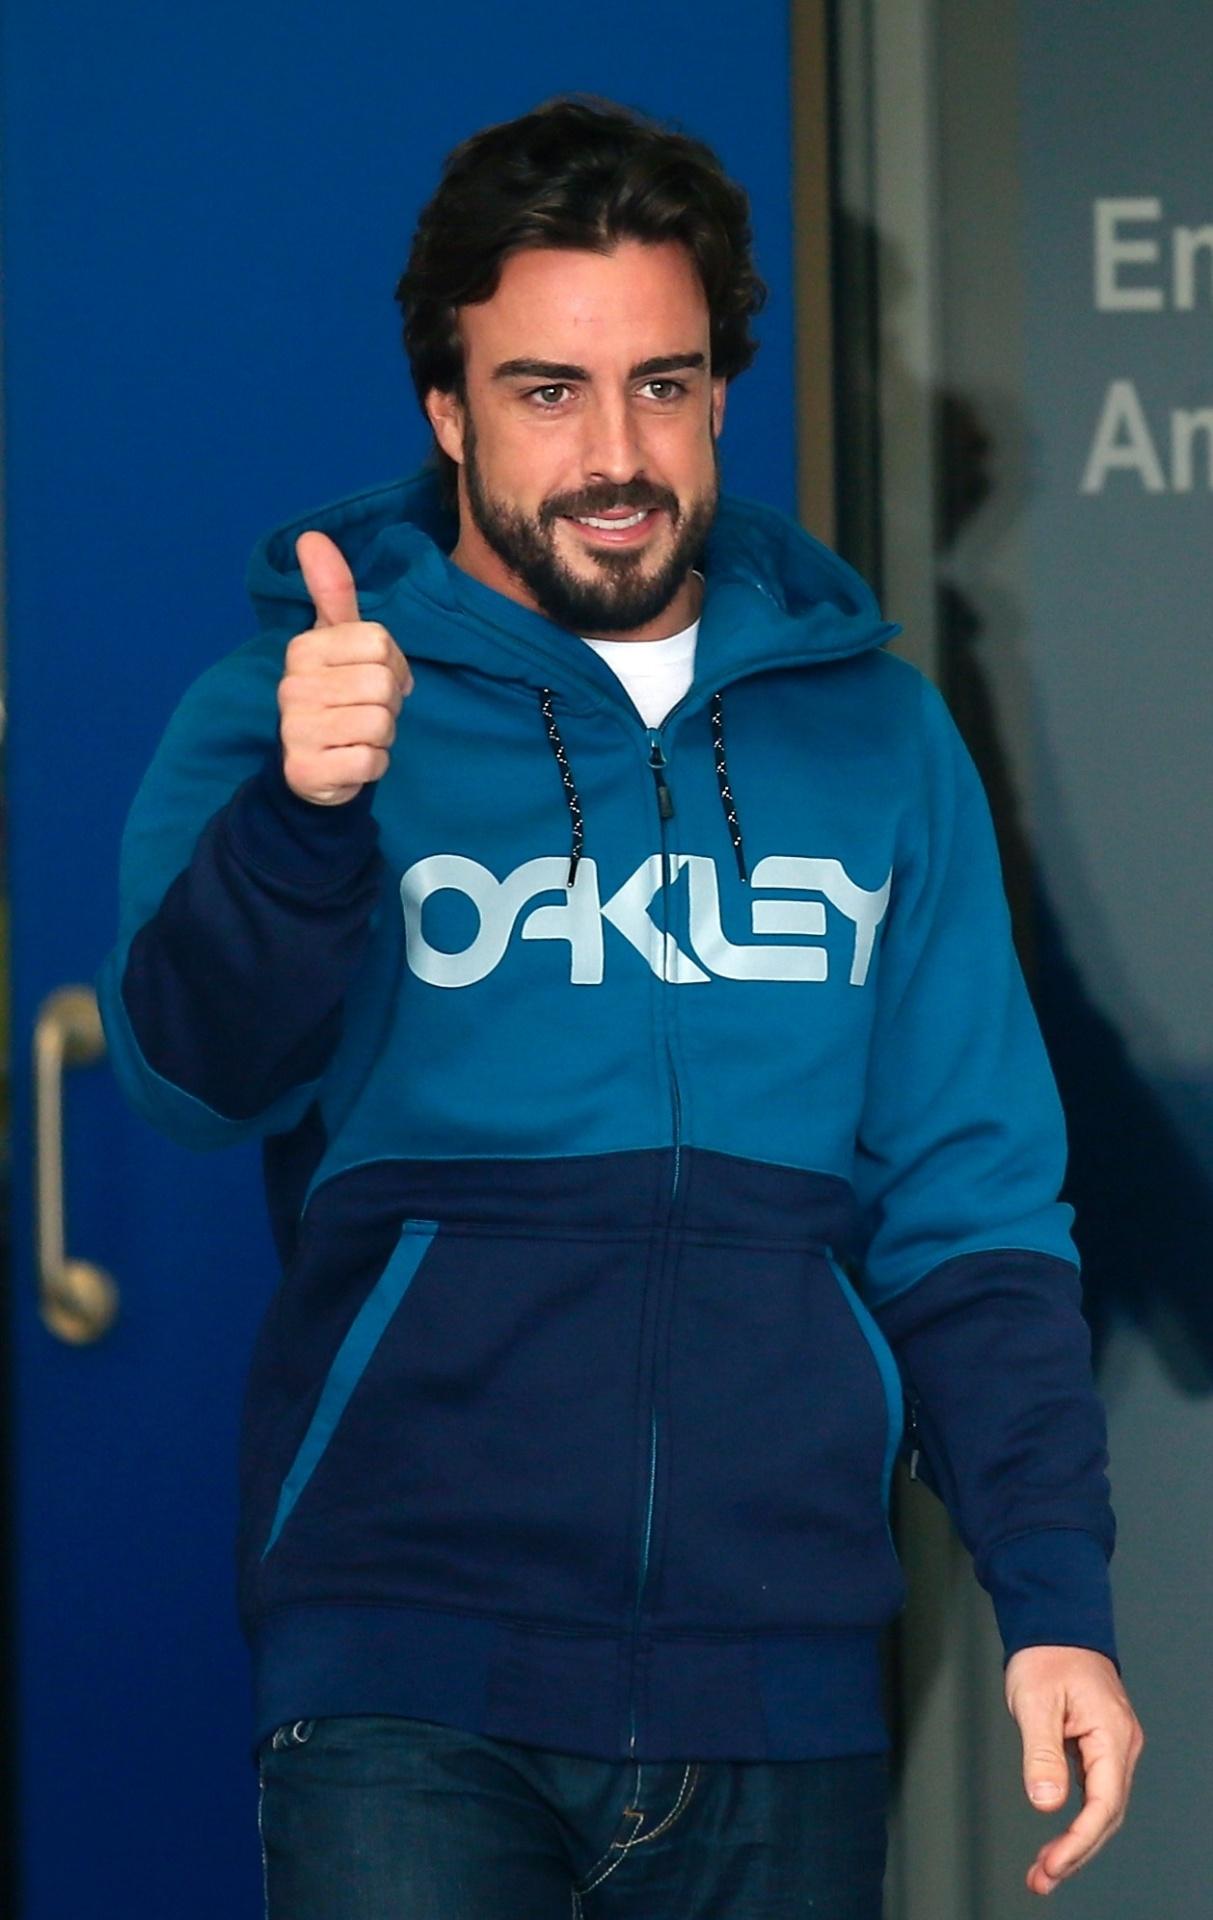 25.fez.2015 - O piloto espanhol Fernando Alonso recebeu alta nesta quarta-feira e deixou o hospital de Barcelona onde estava internado desde o último, quando sofreu um grave acidente durante os treinos de pré-temporada da Fórmula 1